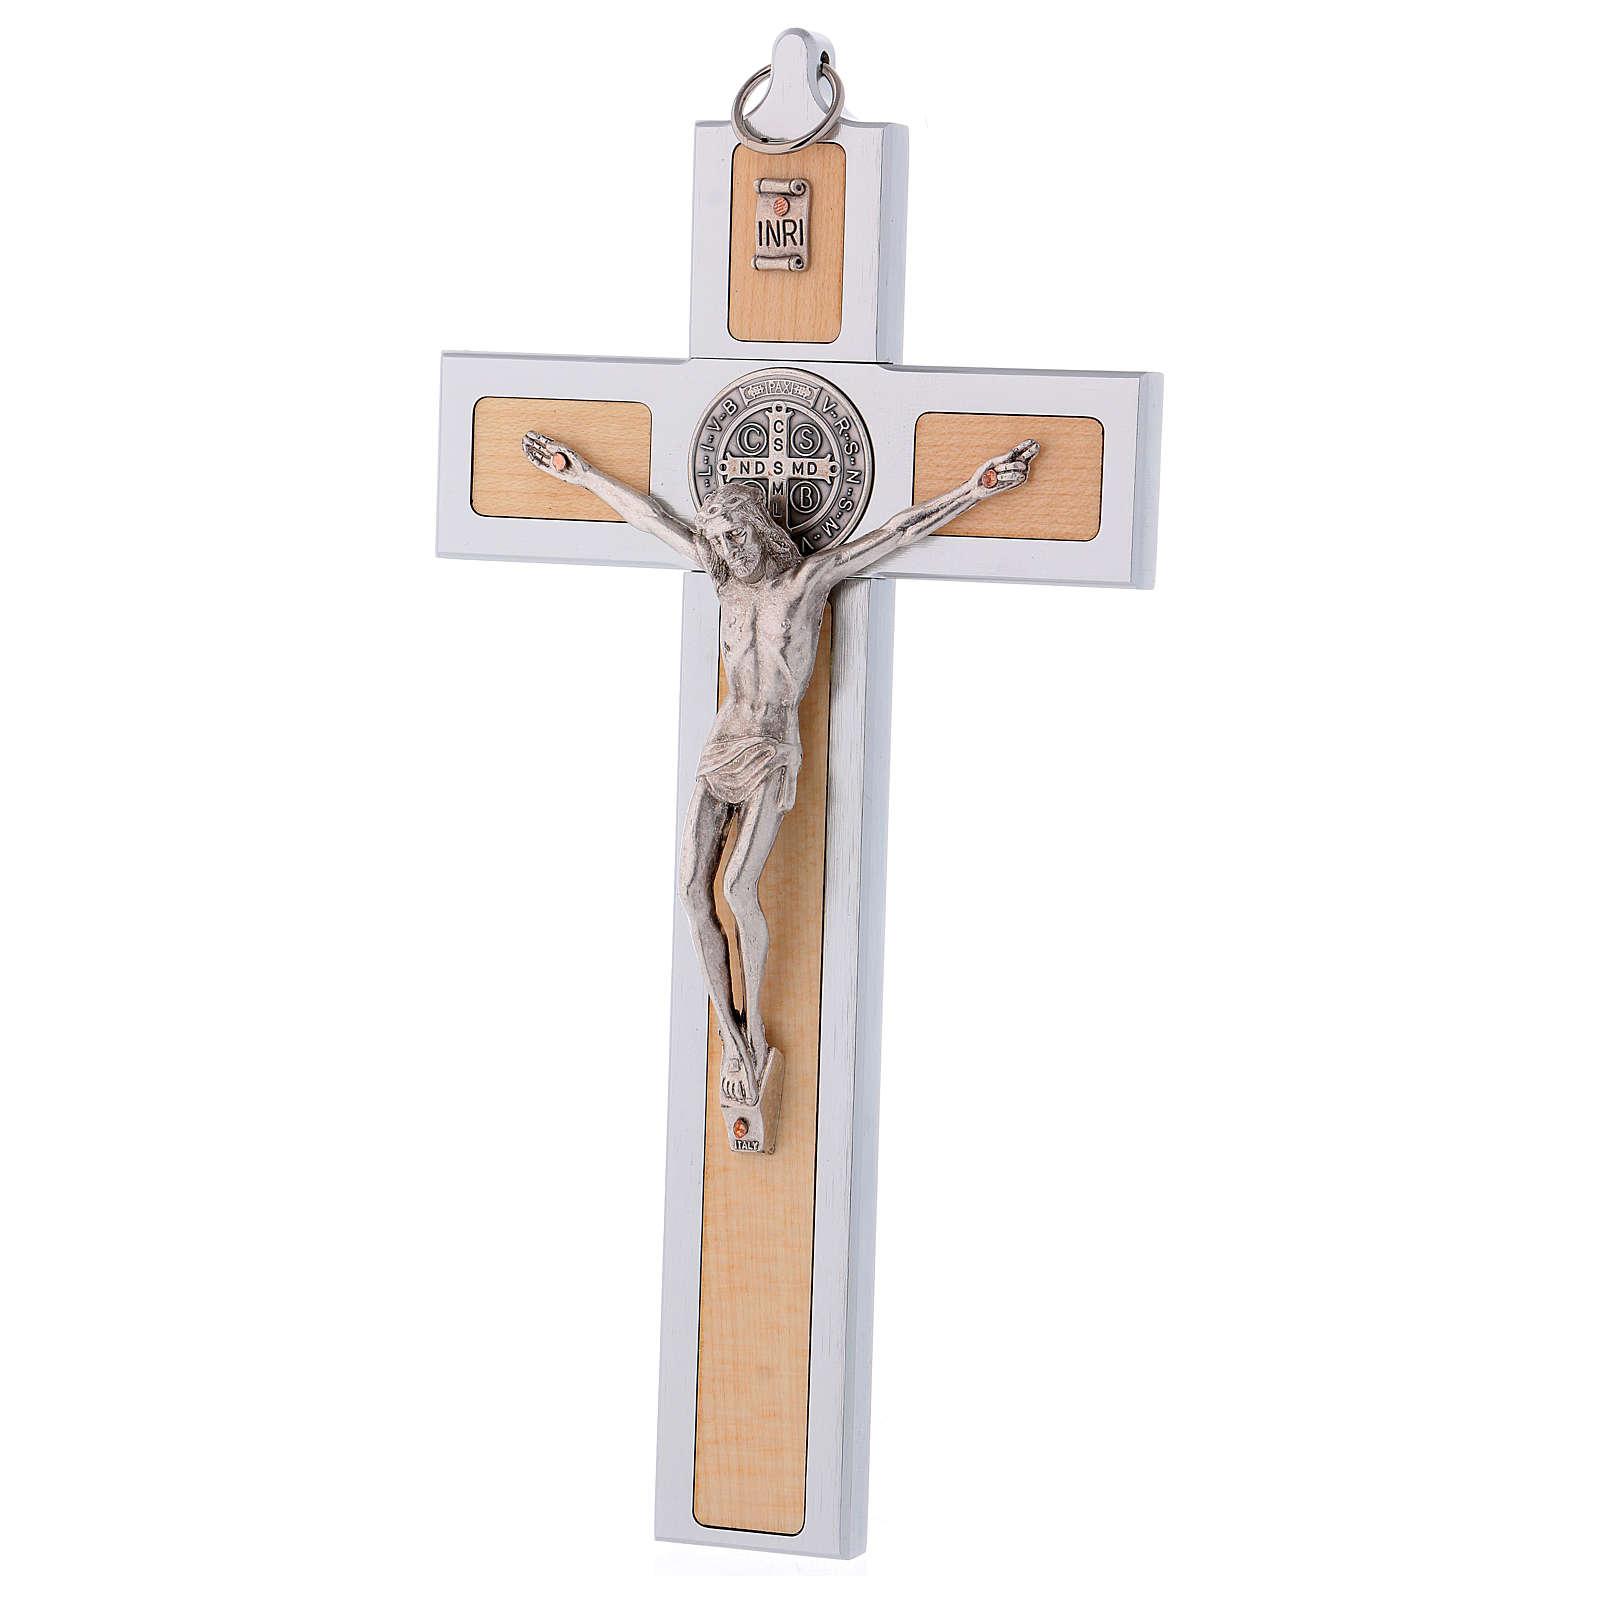 St. Benedict's cross in aluminium and maple wood 25x12 cm 4